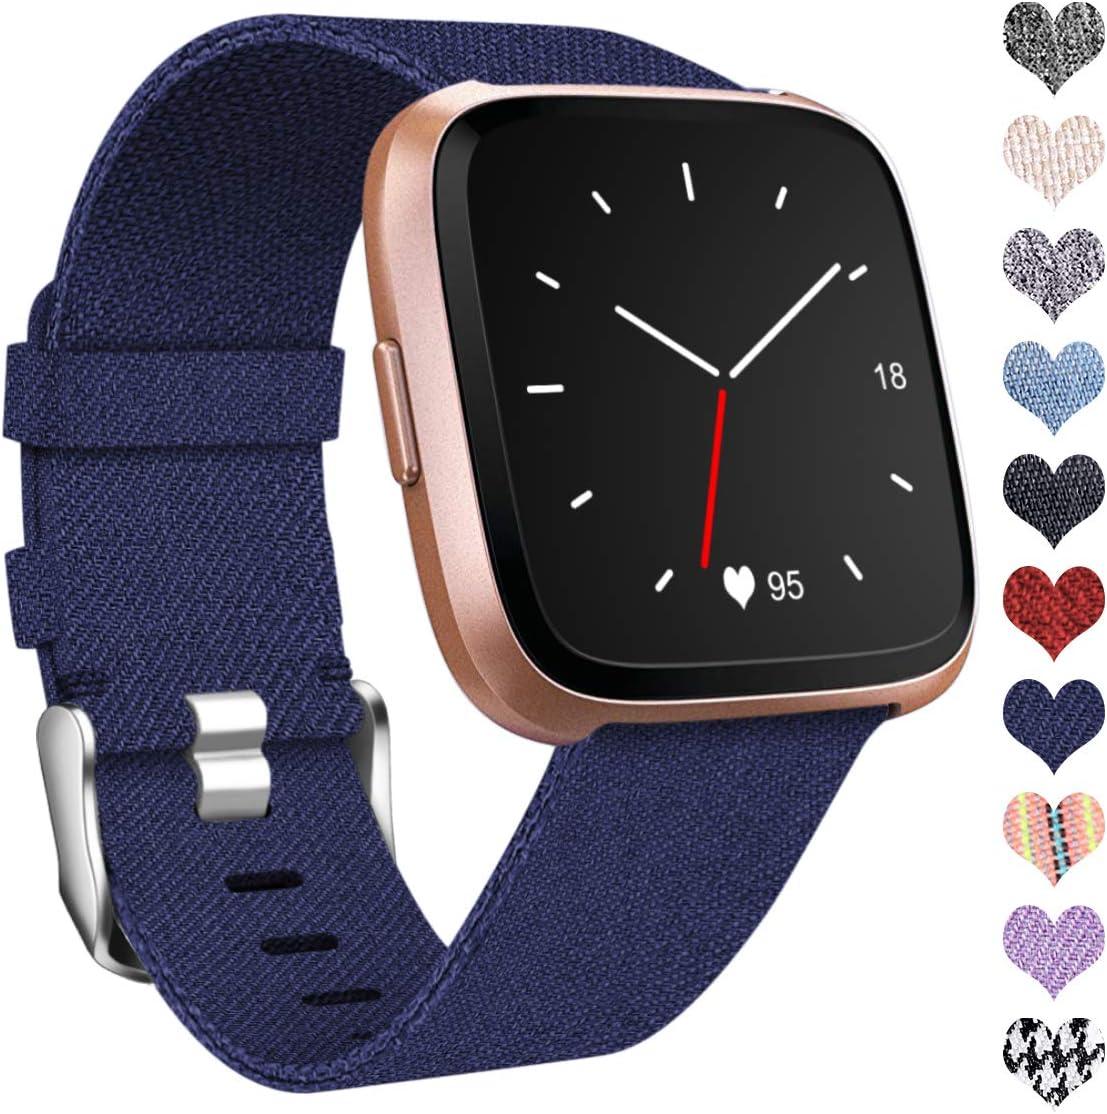 Ouwegaga Compatible con Fitbit Versa Correa/Fitbit Versa 2 Correa, Pulsera Tejidas Ajustable Reemplazo Sport Wristband Compatible con Fitbit Versa Smartwatch, Grande, Azul: Amazon.es: Electrónica